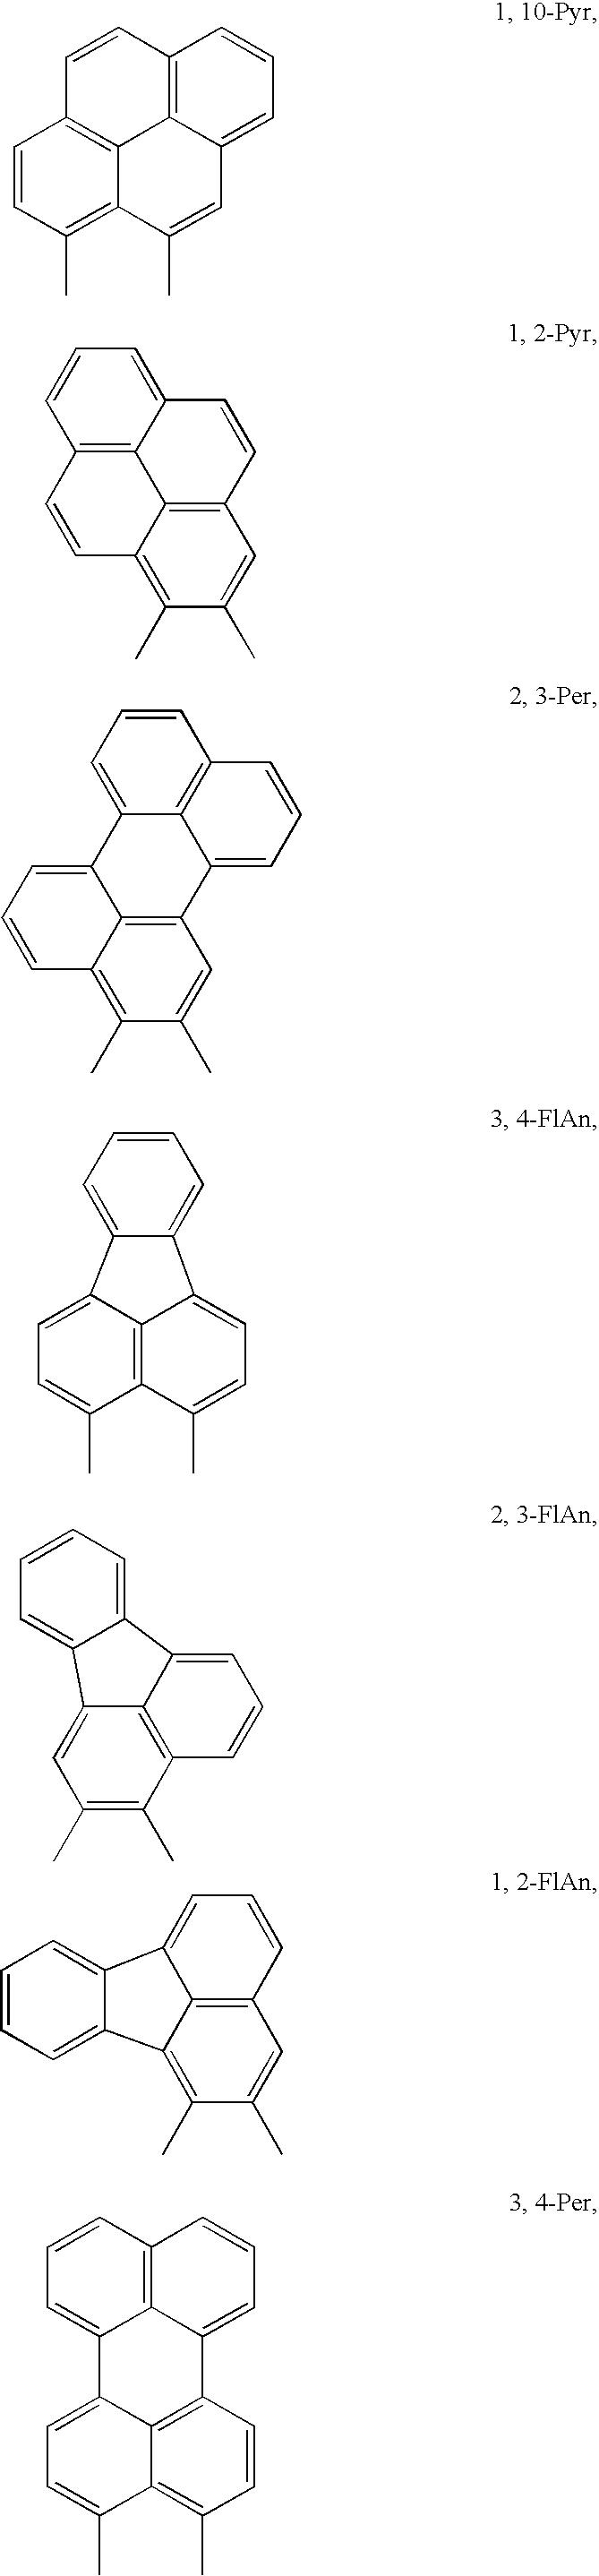 Figure US20050089714A1-20050428-C00031